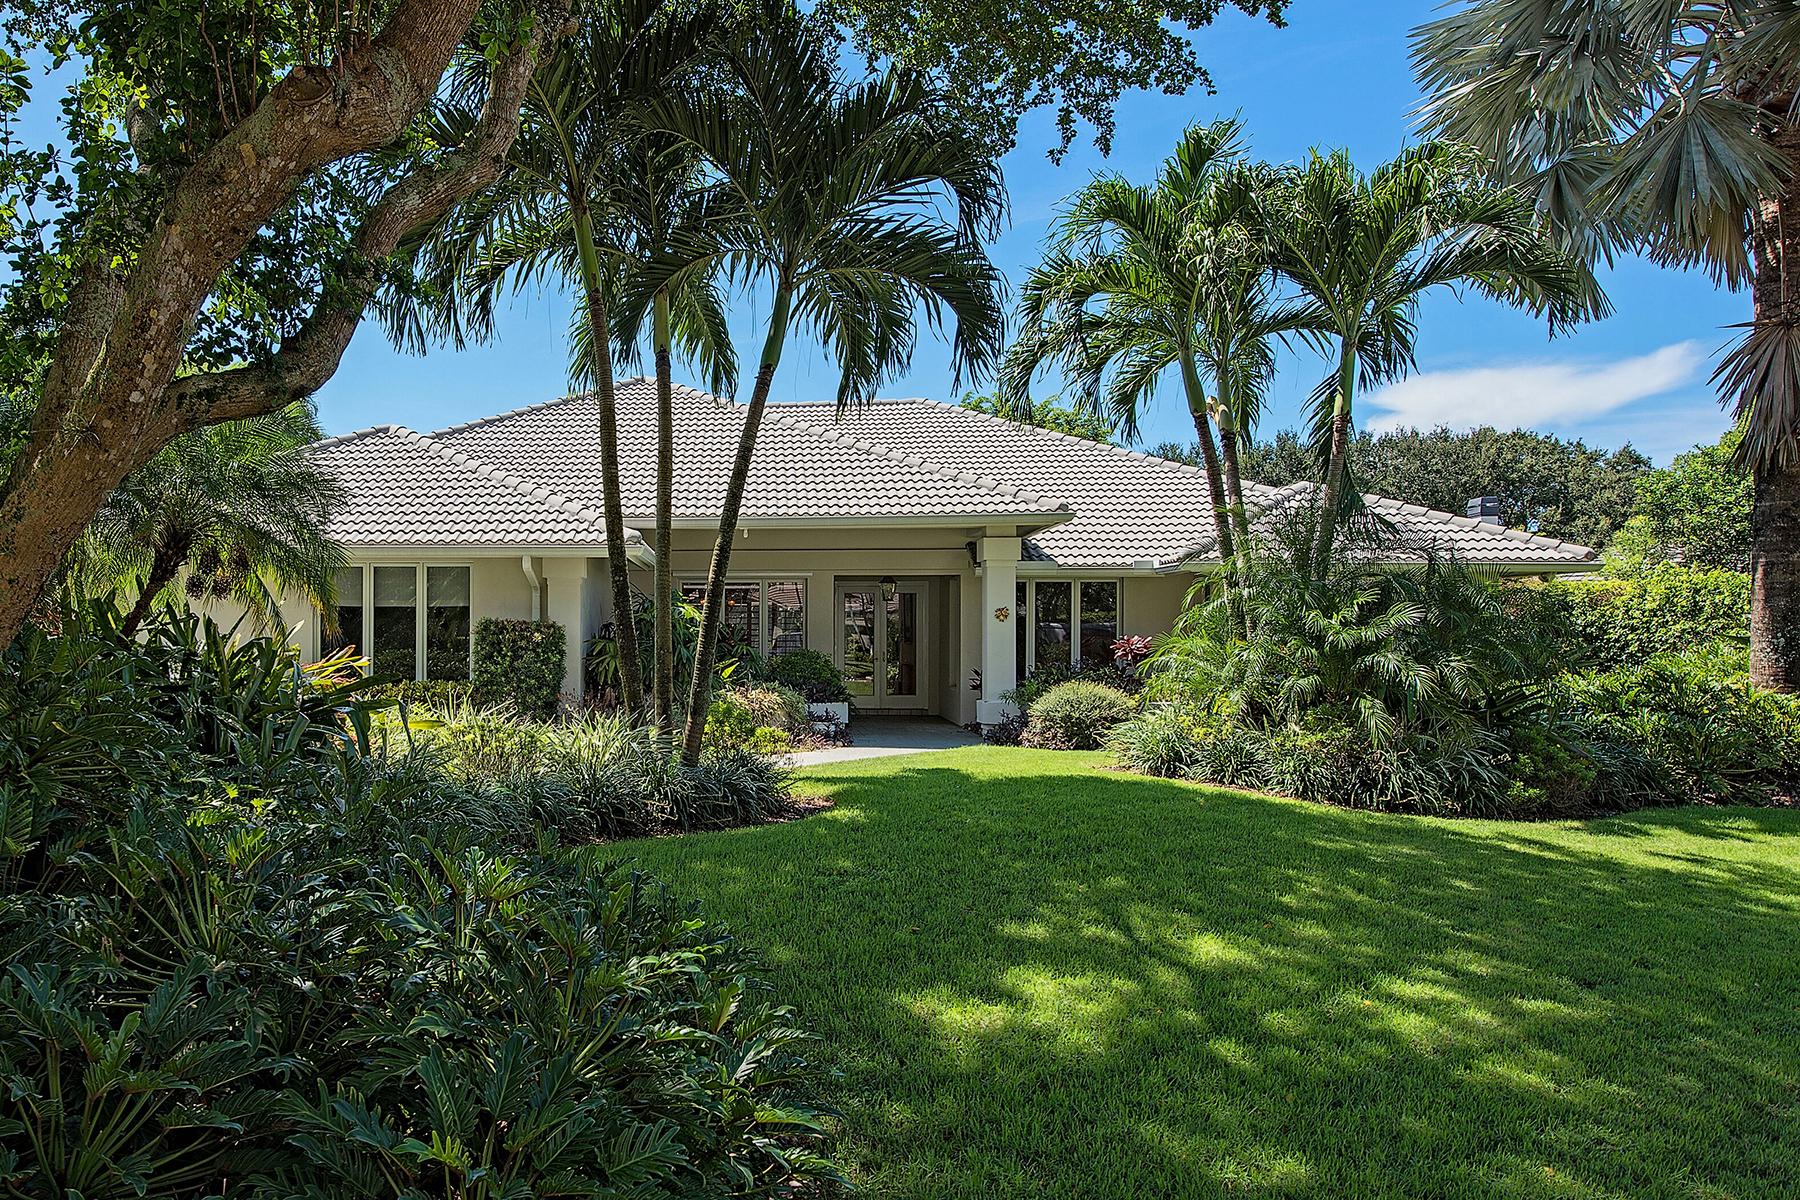 一戸建て のために 売買 アット PINECREST AT PELICAN BAY 804 Tallow Tree Ct Naples, フロリダ, 34108 アメリカ合衆国